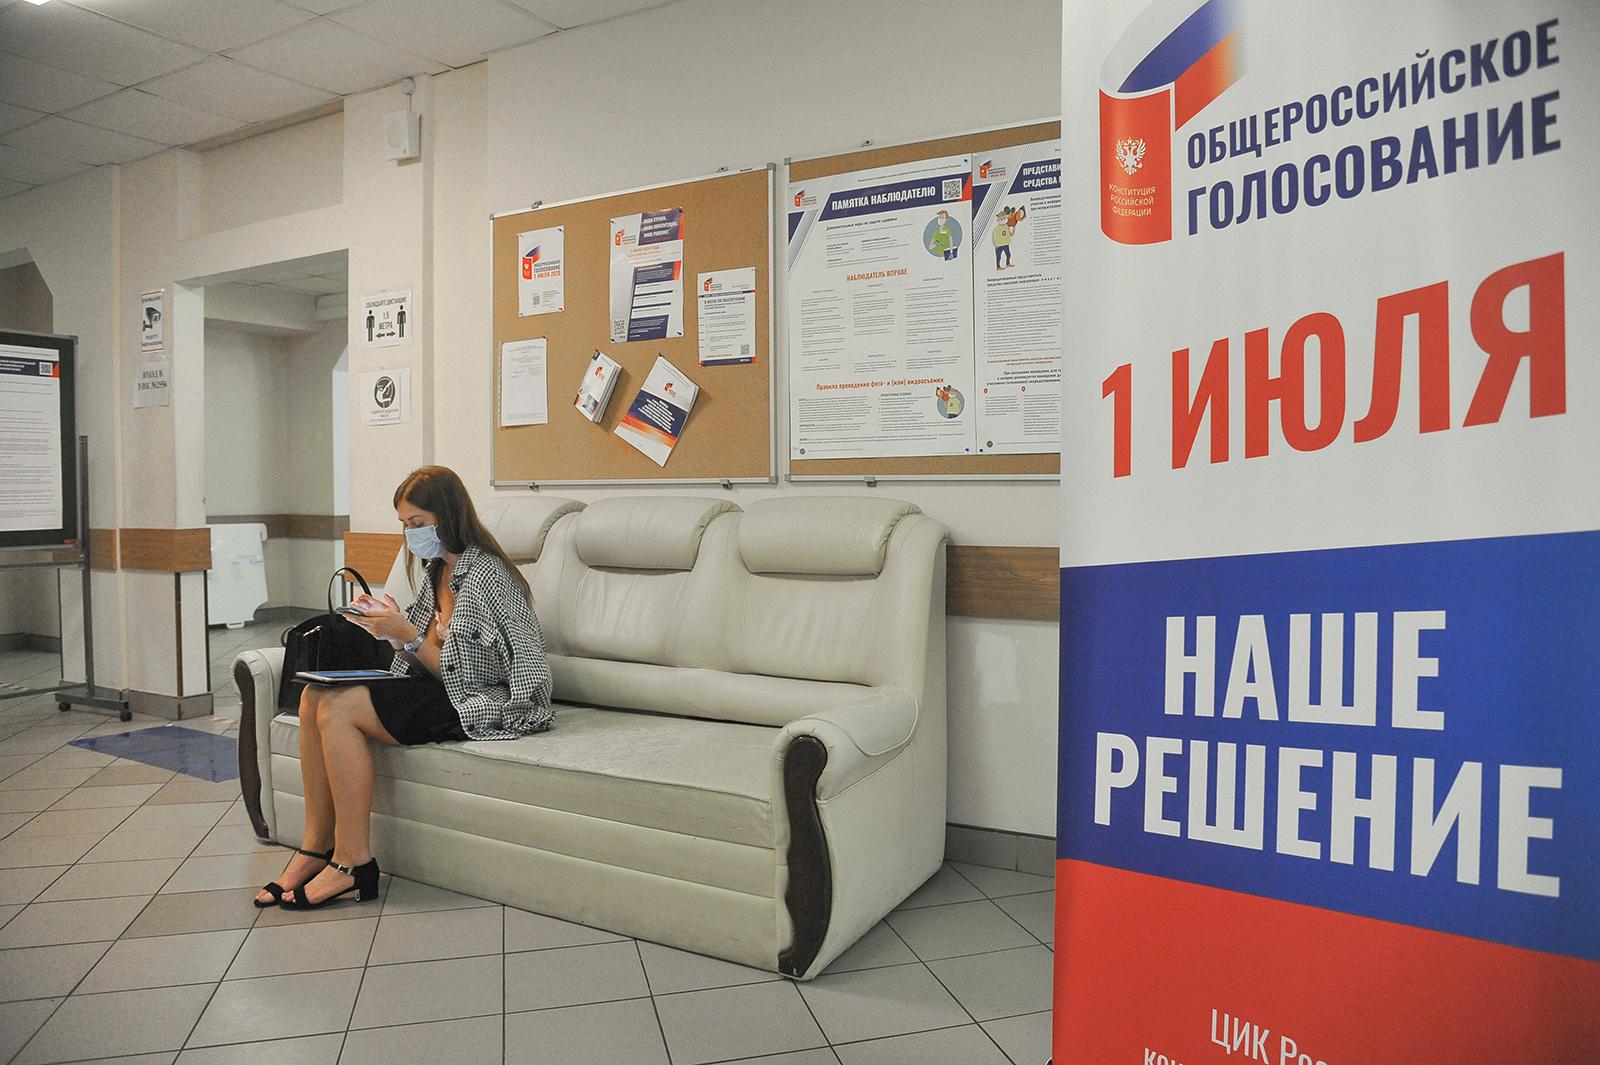 Основной день голосования: в Москве открылись избирательные участки